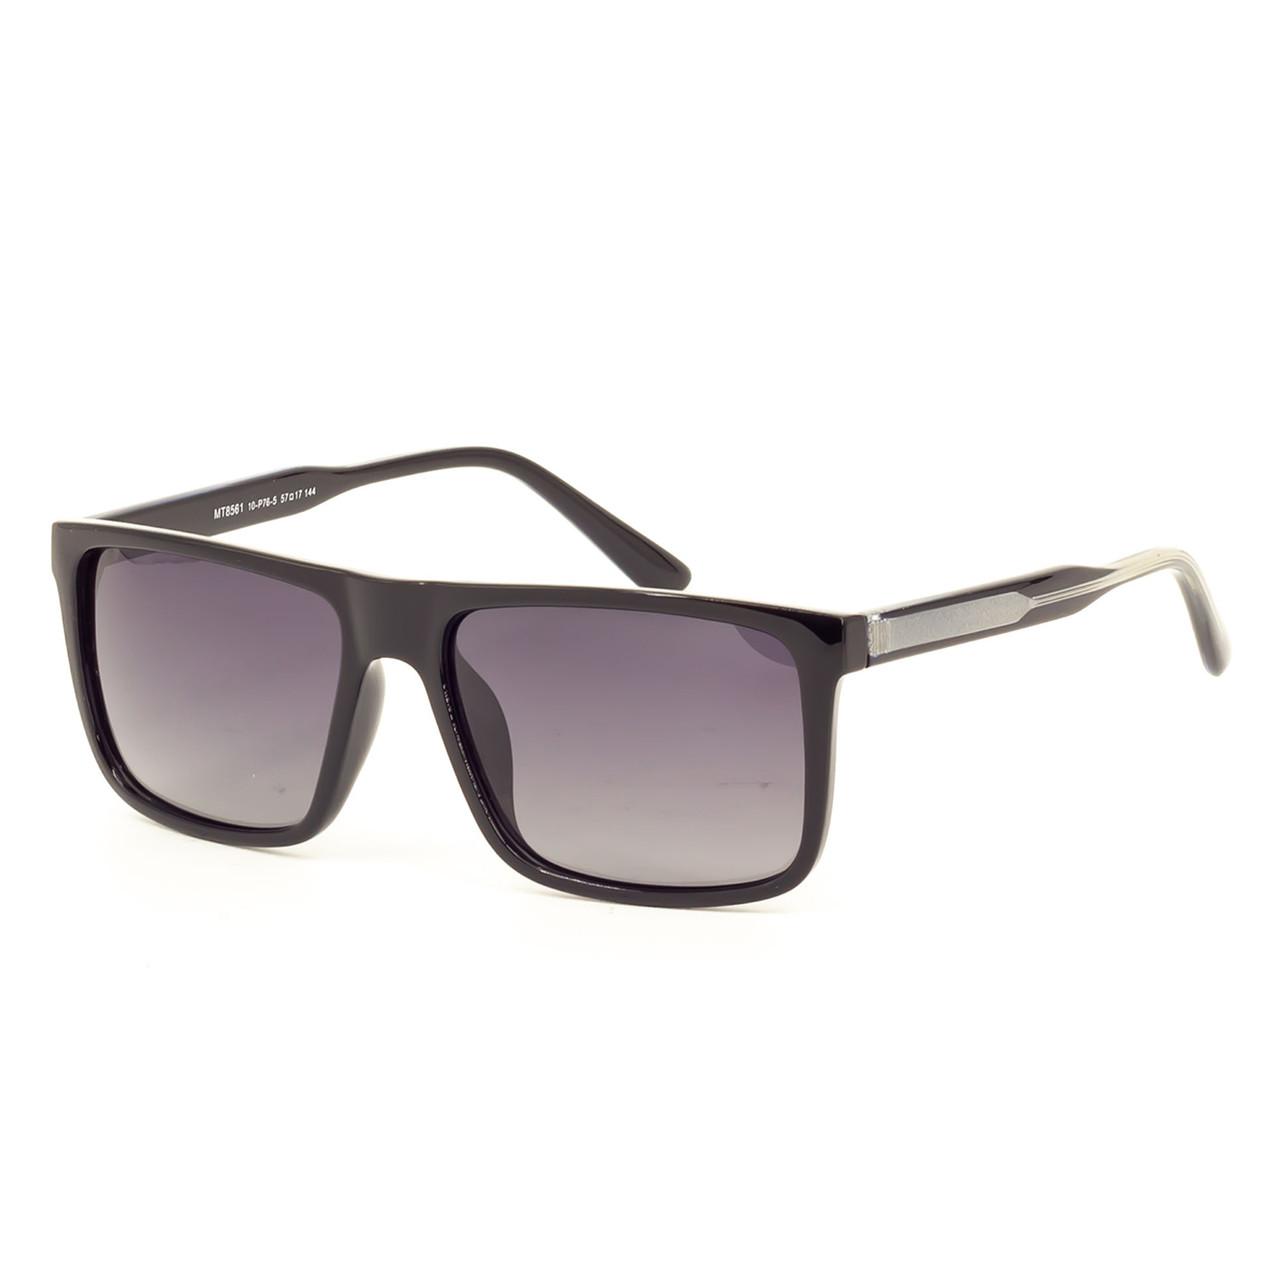 Сонцезахисні окуляри Matrix MT8561 10-P76-5 ( MT8561-10-P76-5 )